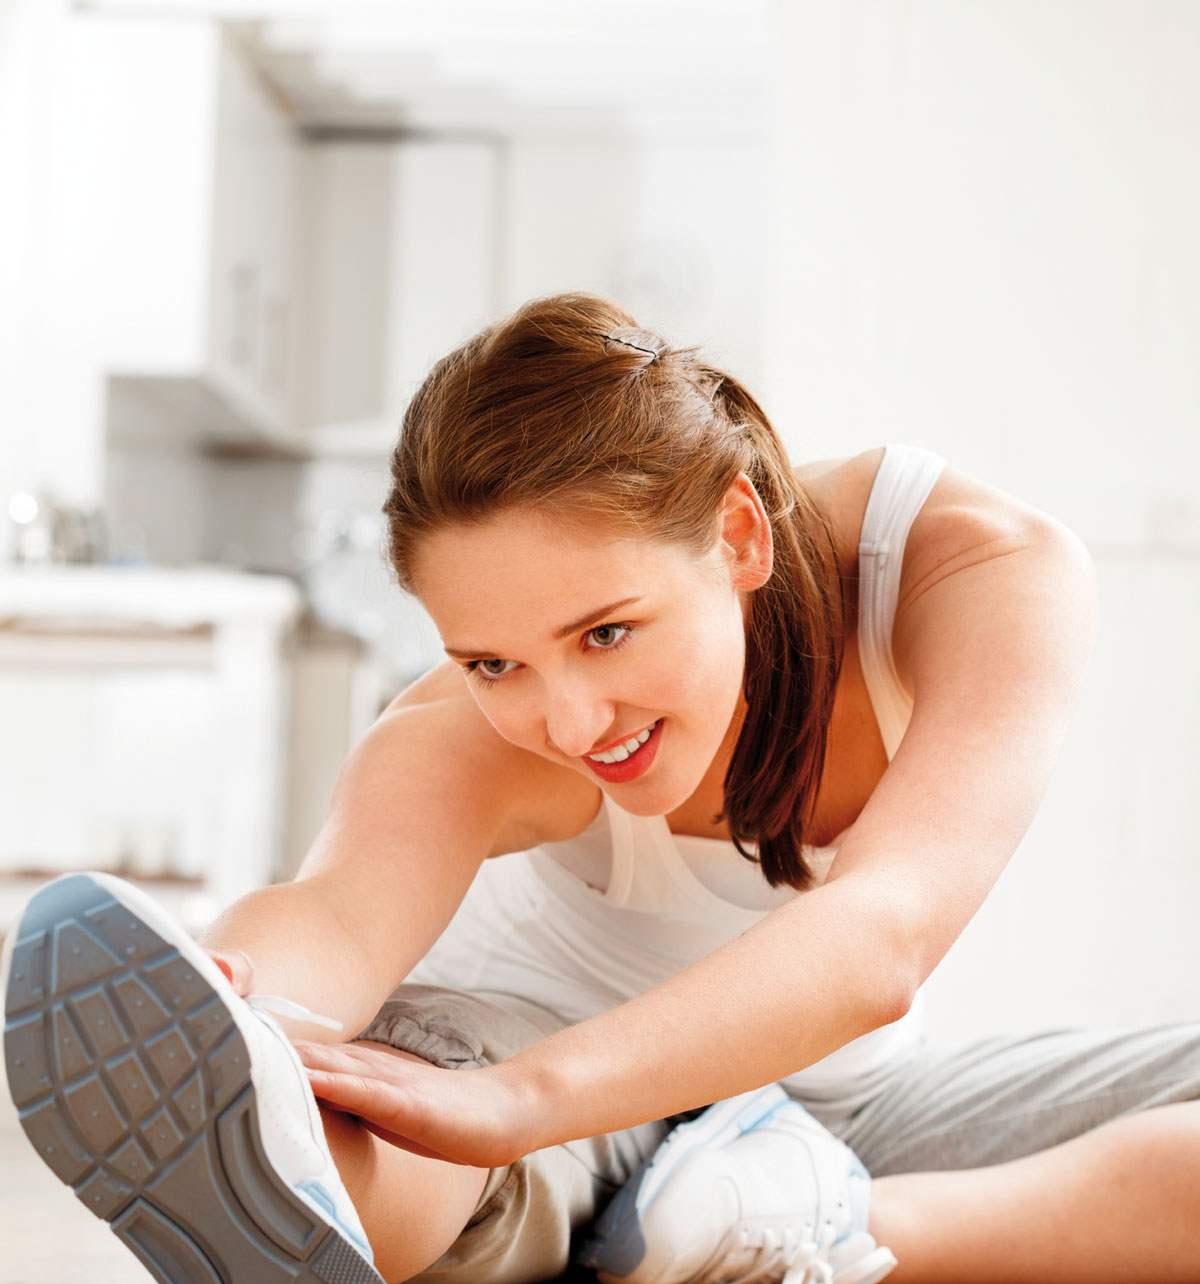 Les bonnes raisons pour une femme de faire de la musculation